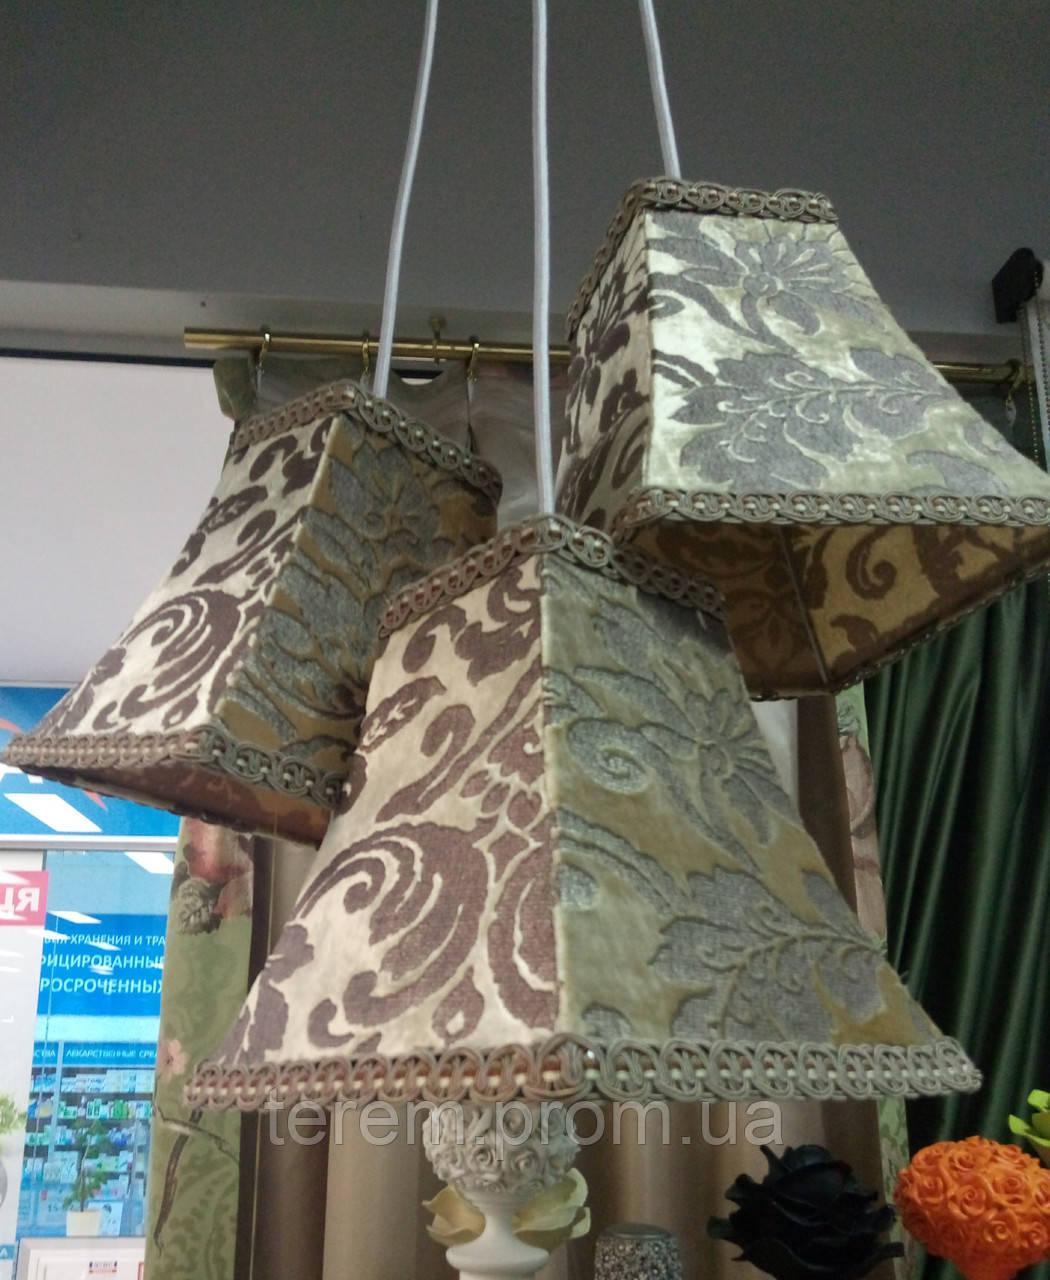 Светильник подвесной тройной